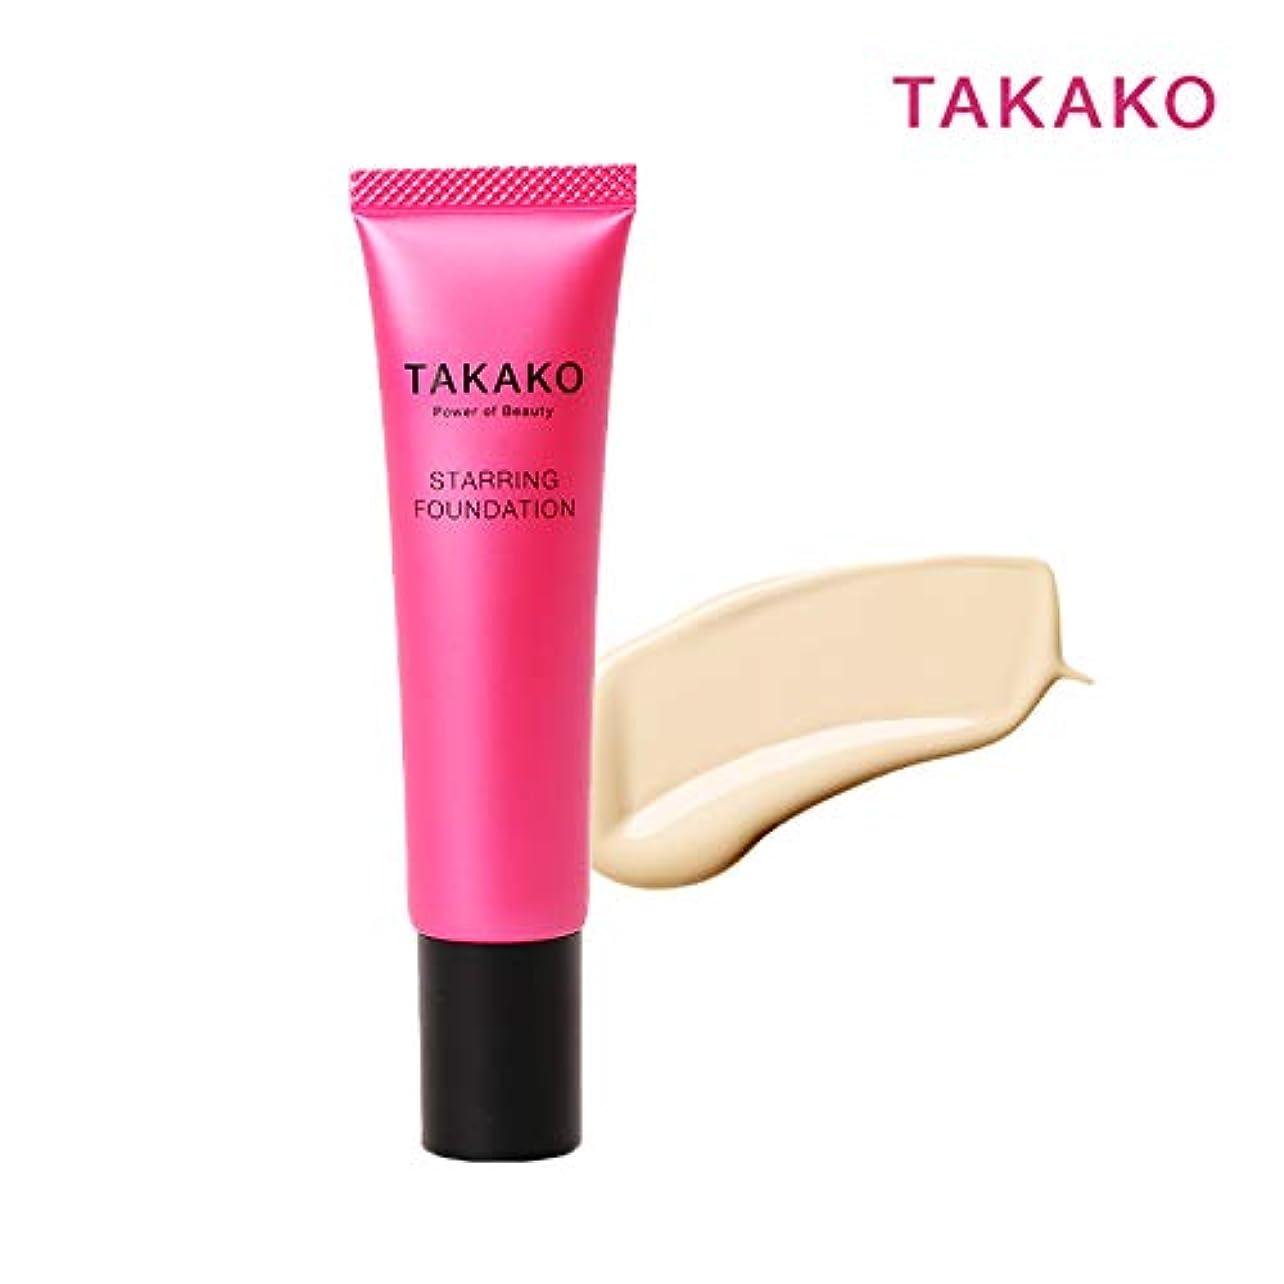 貧困六分儀更新するTAKAKO スターリングファンデーション リキッドファンデーション SPF20 PA++ 30g【タカコ コスメ】TAKAKO Power of Beauty STARRING FOUNDATION